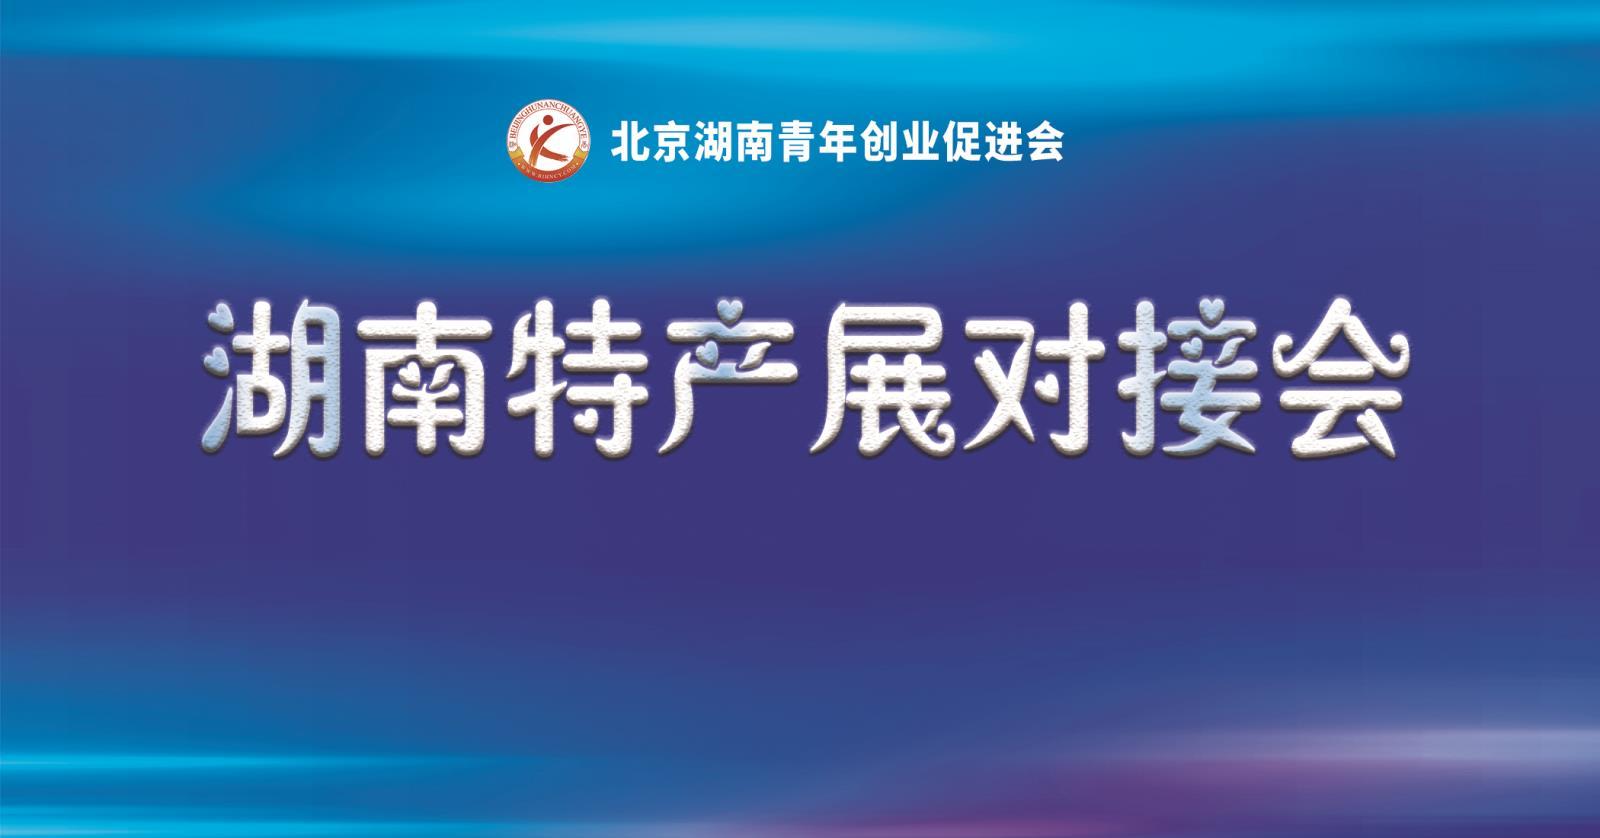 元旦晚会|湖南特产展,征集湖南优质特产资源,周三现场对接